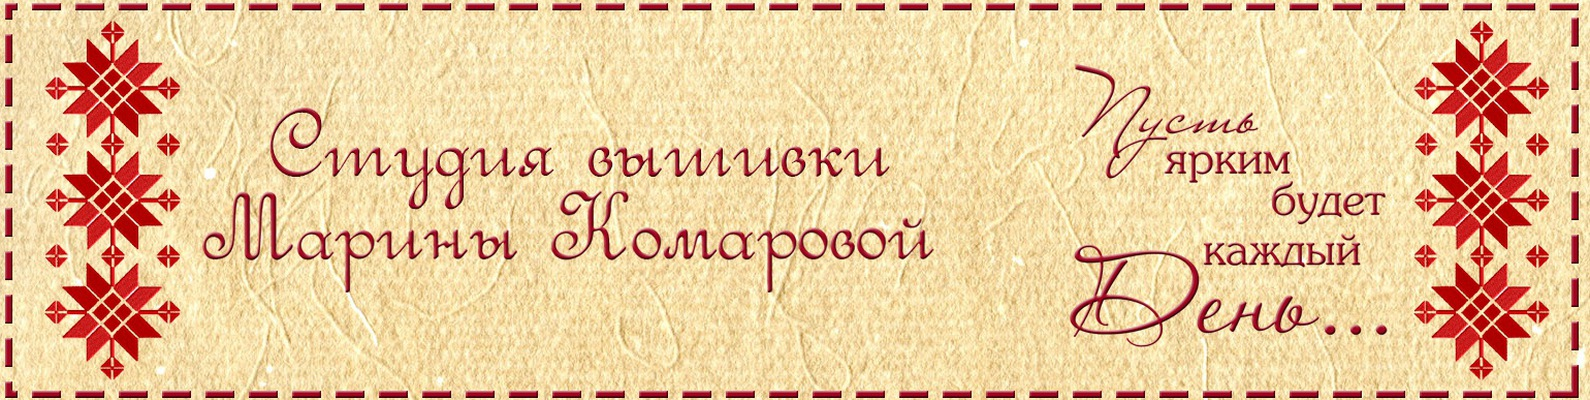 Вышивка букв русский алфавит схемы 726